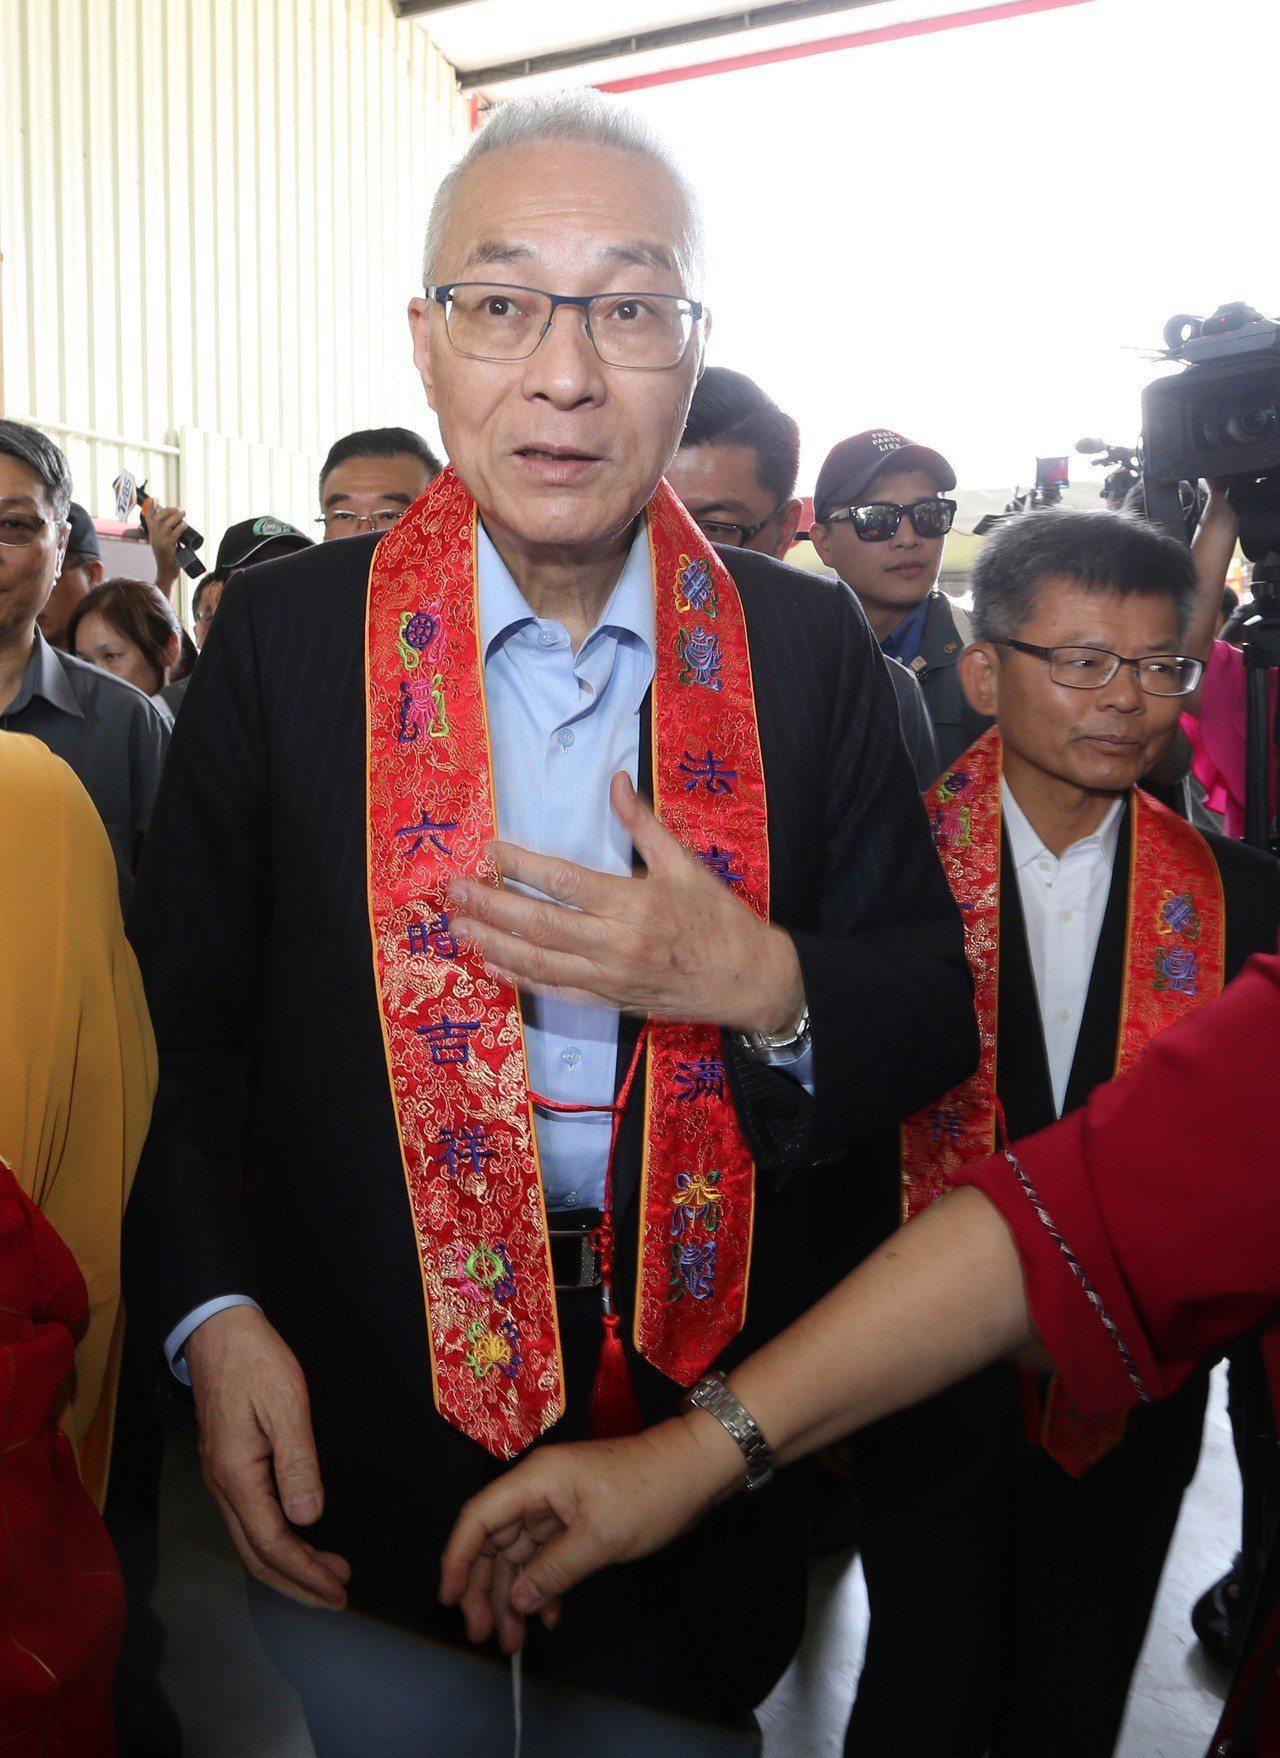 國民黨主席吳敦義今天上午到高雄阿蓮參加光德寺浴佛點燈大典。記者劉學聖/攝影